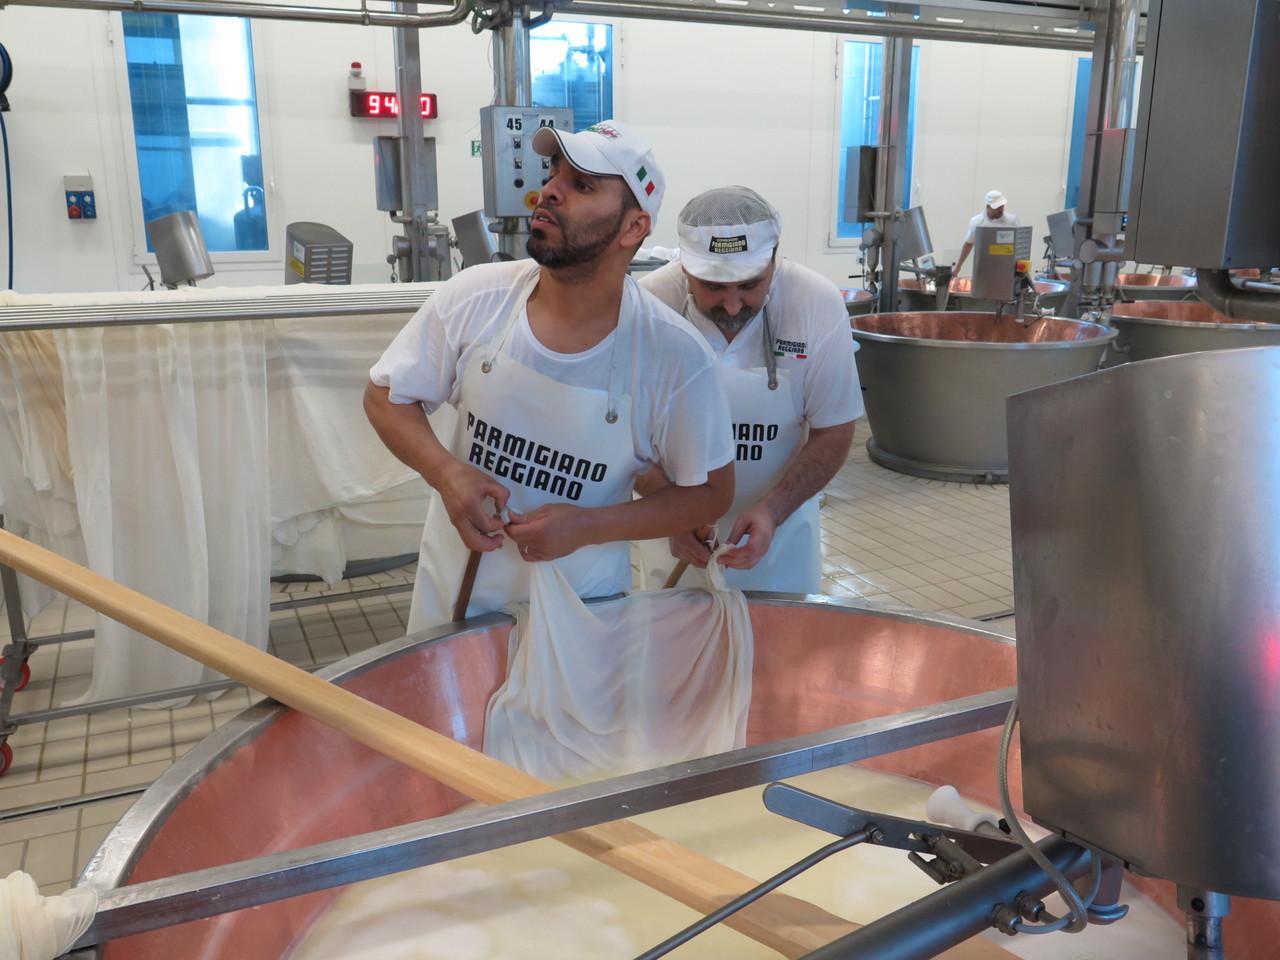 A produção do queijo Parmigiano Reggiano na queijaria 4 Madonne, em Modena